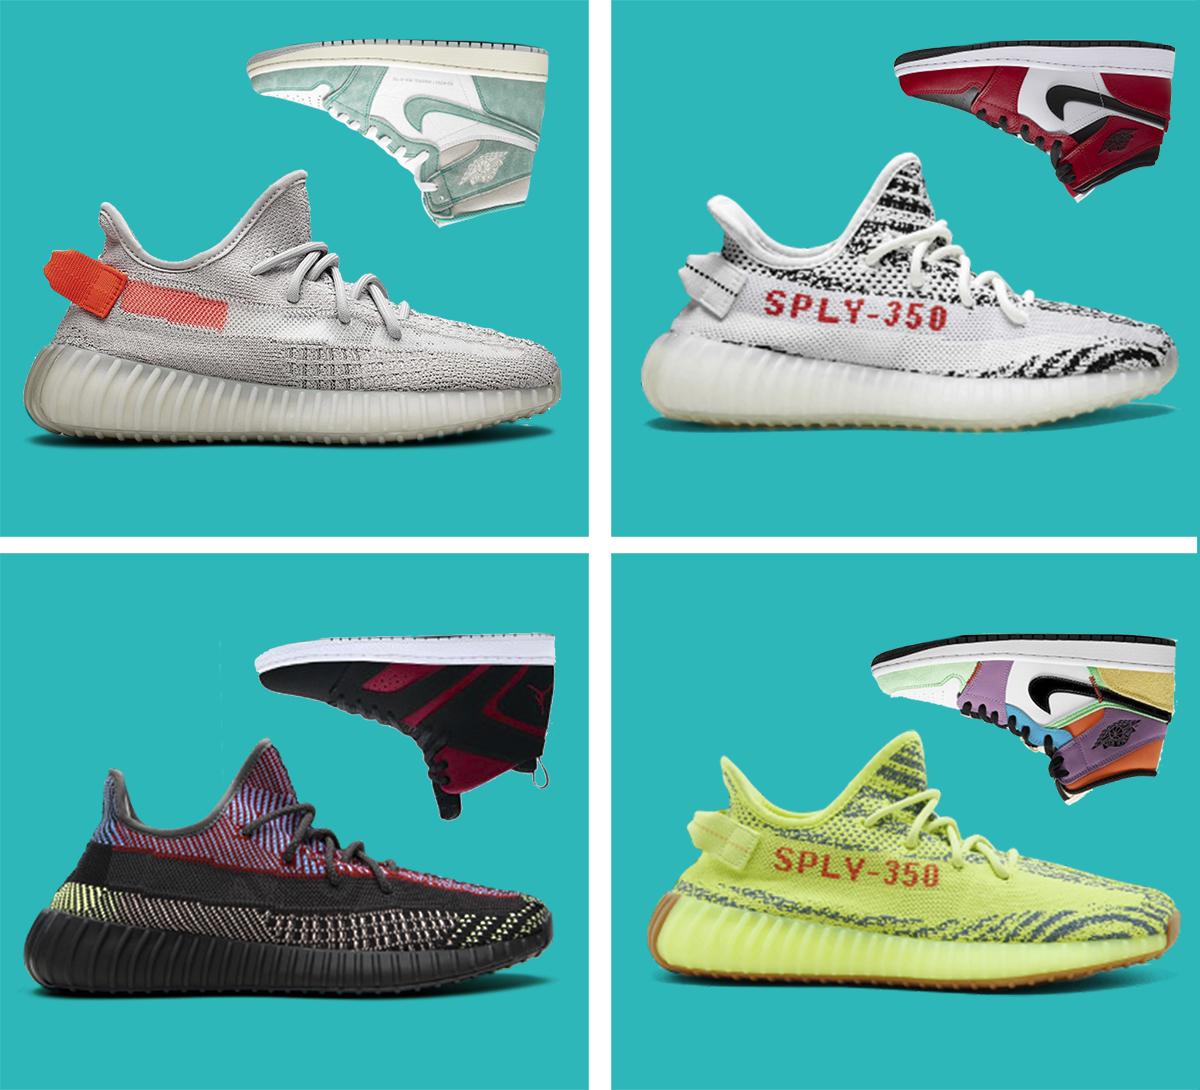 Zapatillas Adidas Yeezy Boost 350 y Air Jordan.